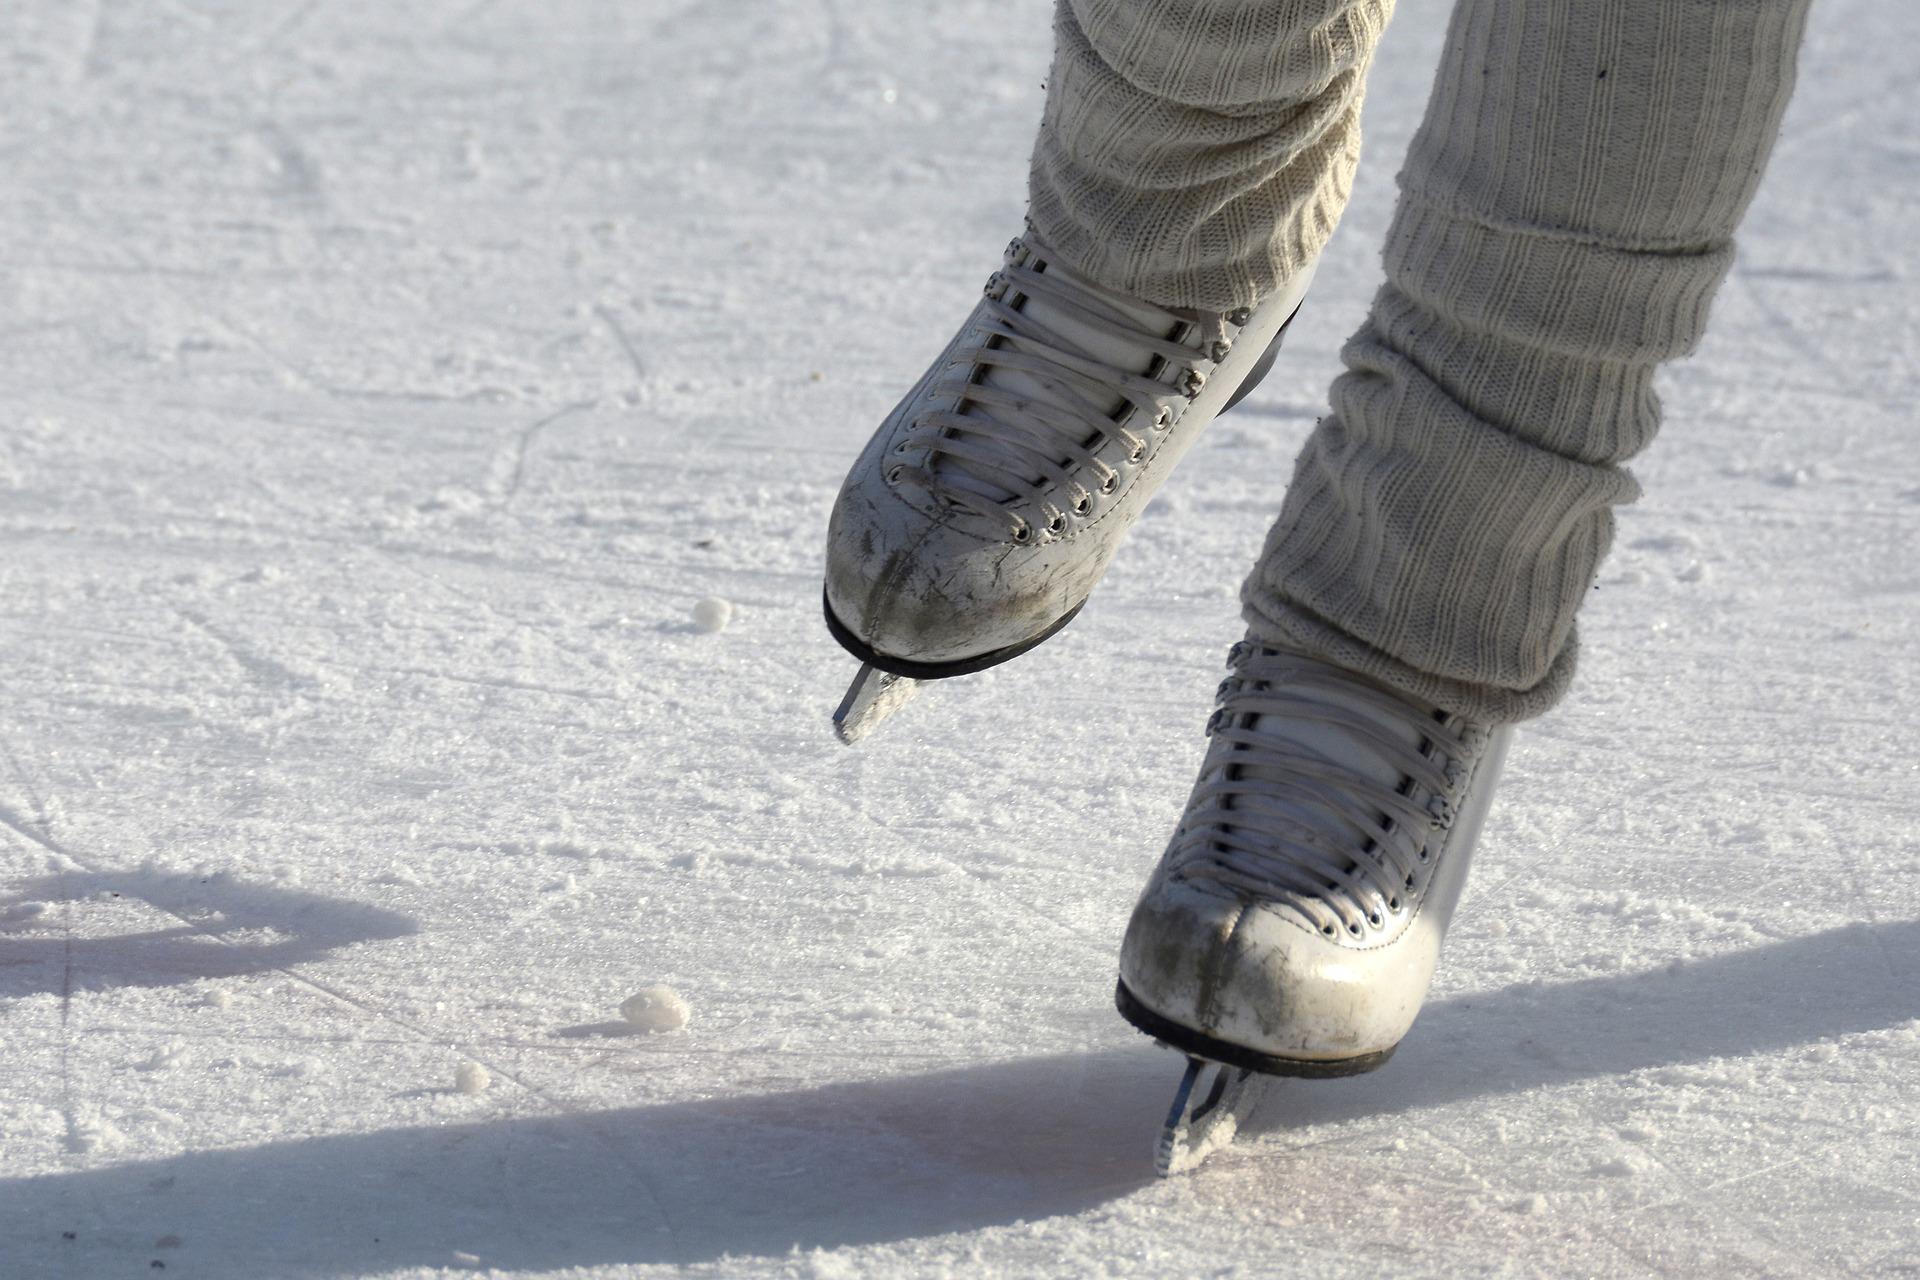 W czwartek, 6 grudnia, zostanie otwarte lodowisko w Majdanie Królewskim. Znamy jego cennik  - Zdjęcie główne